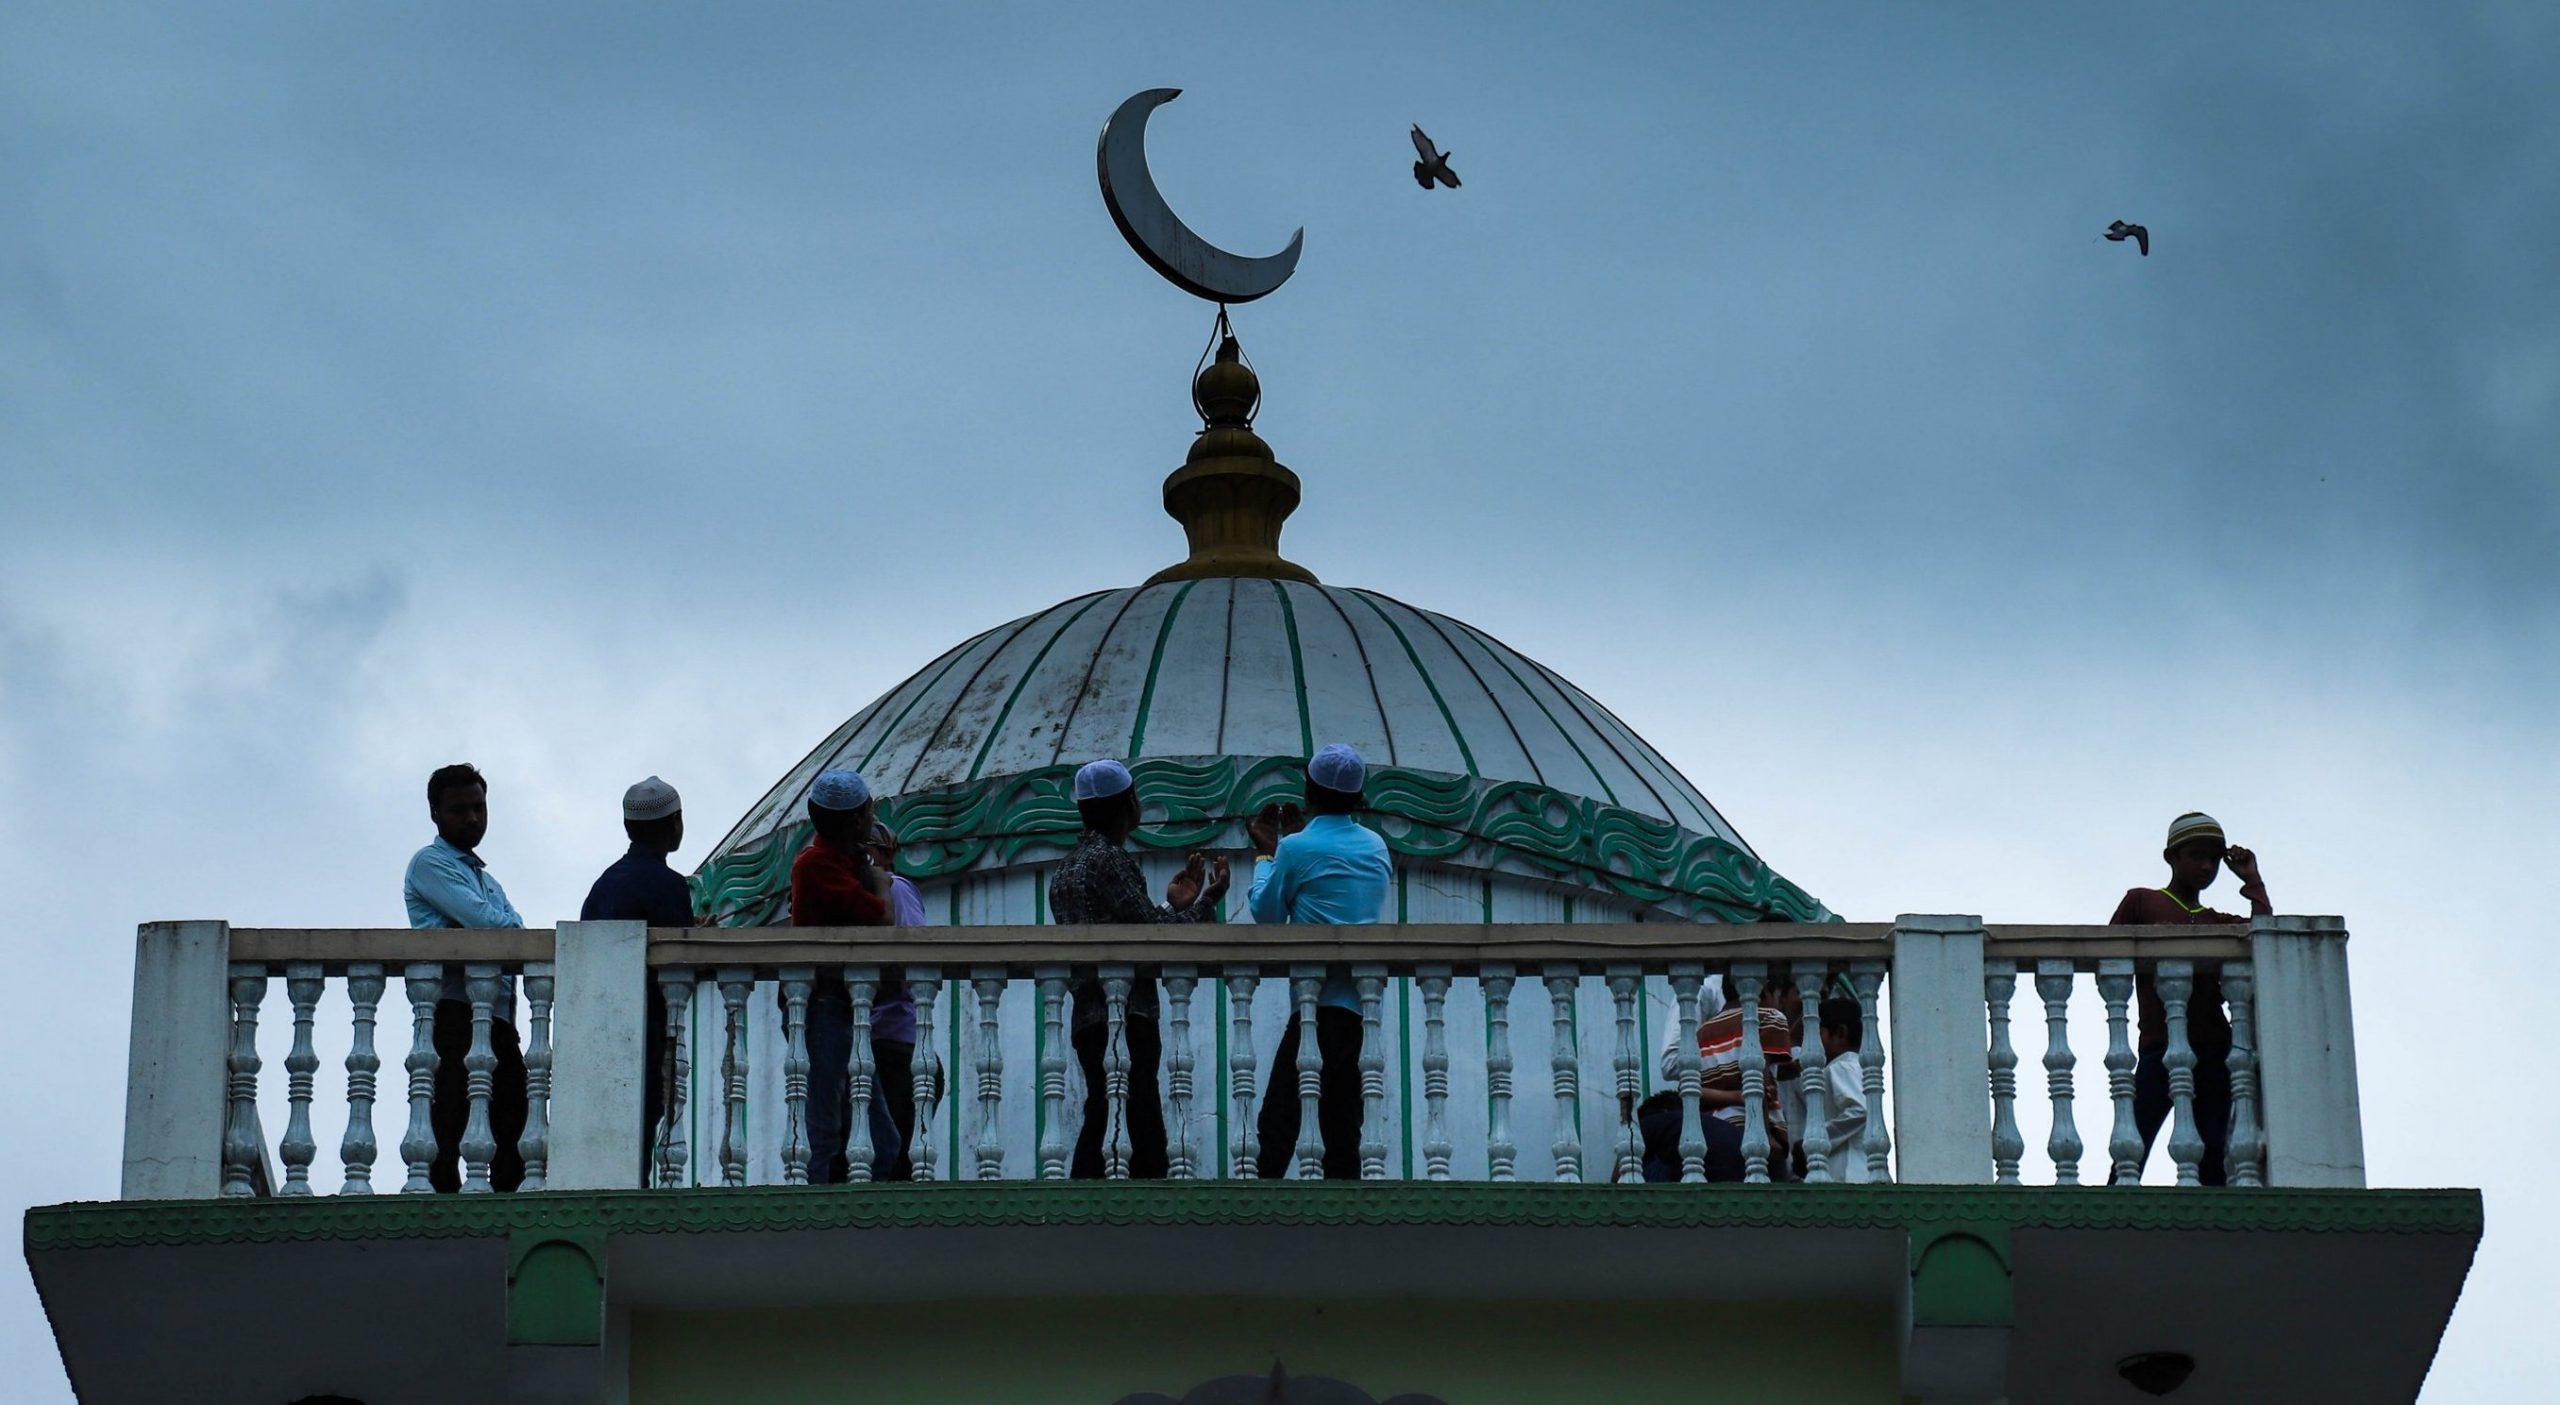 तीन भारतीय नागरिकलाई काेराेना संक्रमण देखिएपछि  वीरगञ्जका सबै मस्जिद सिल गर्ने तयारी